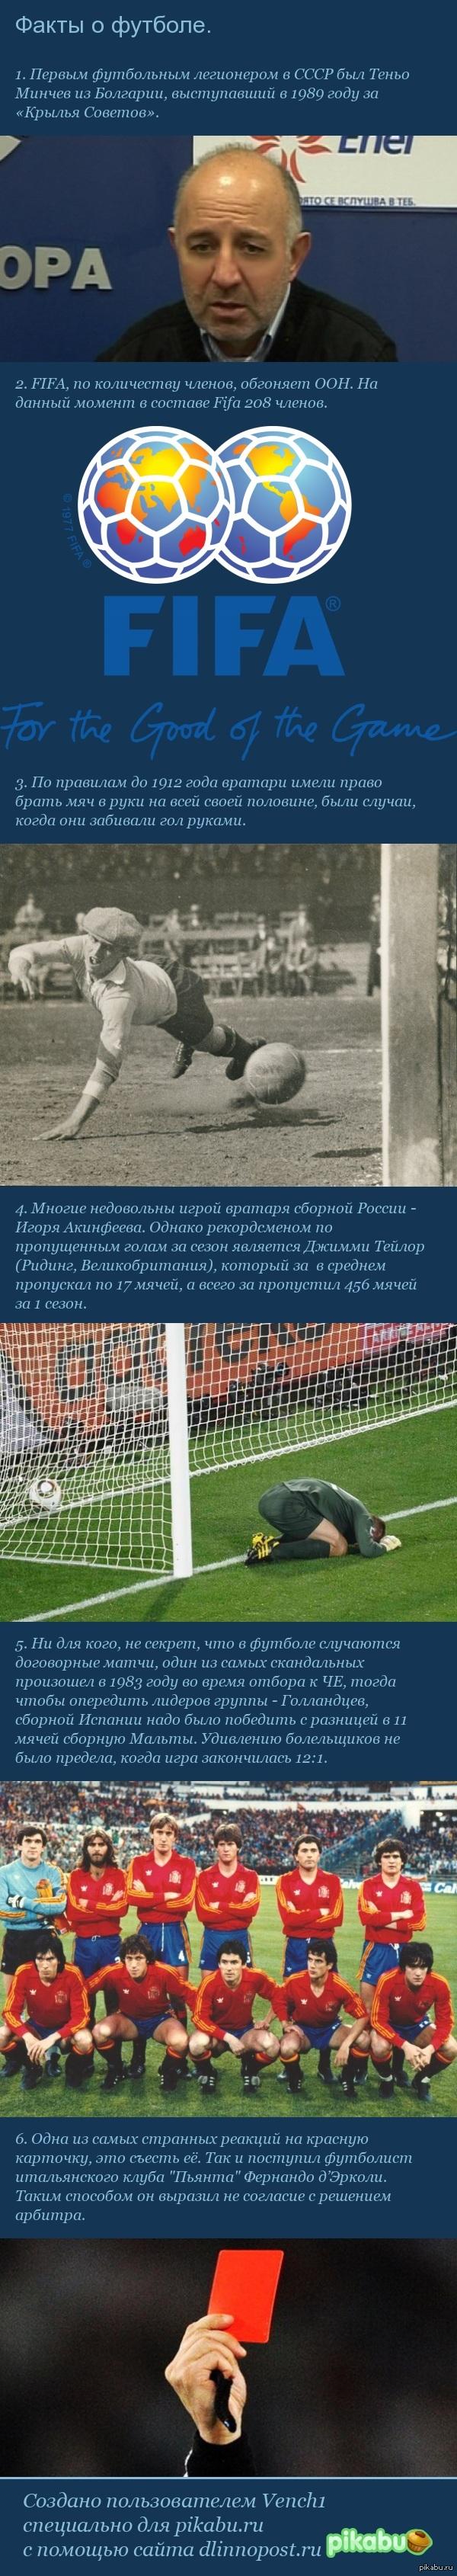 Футбольные факты. Небольшой длиннопост о футбольных фактах. Поддержите плюсами пожалуйста, мой первый длиннопост.